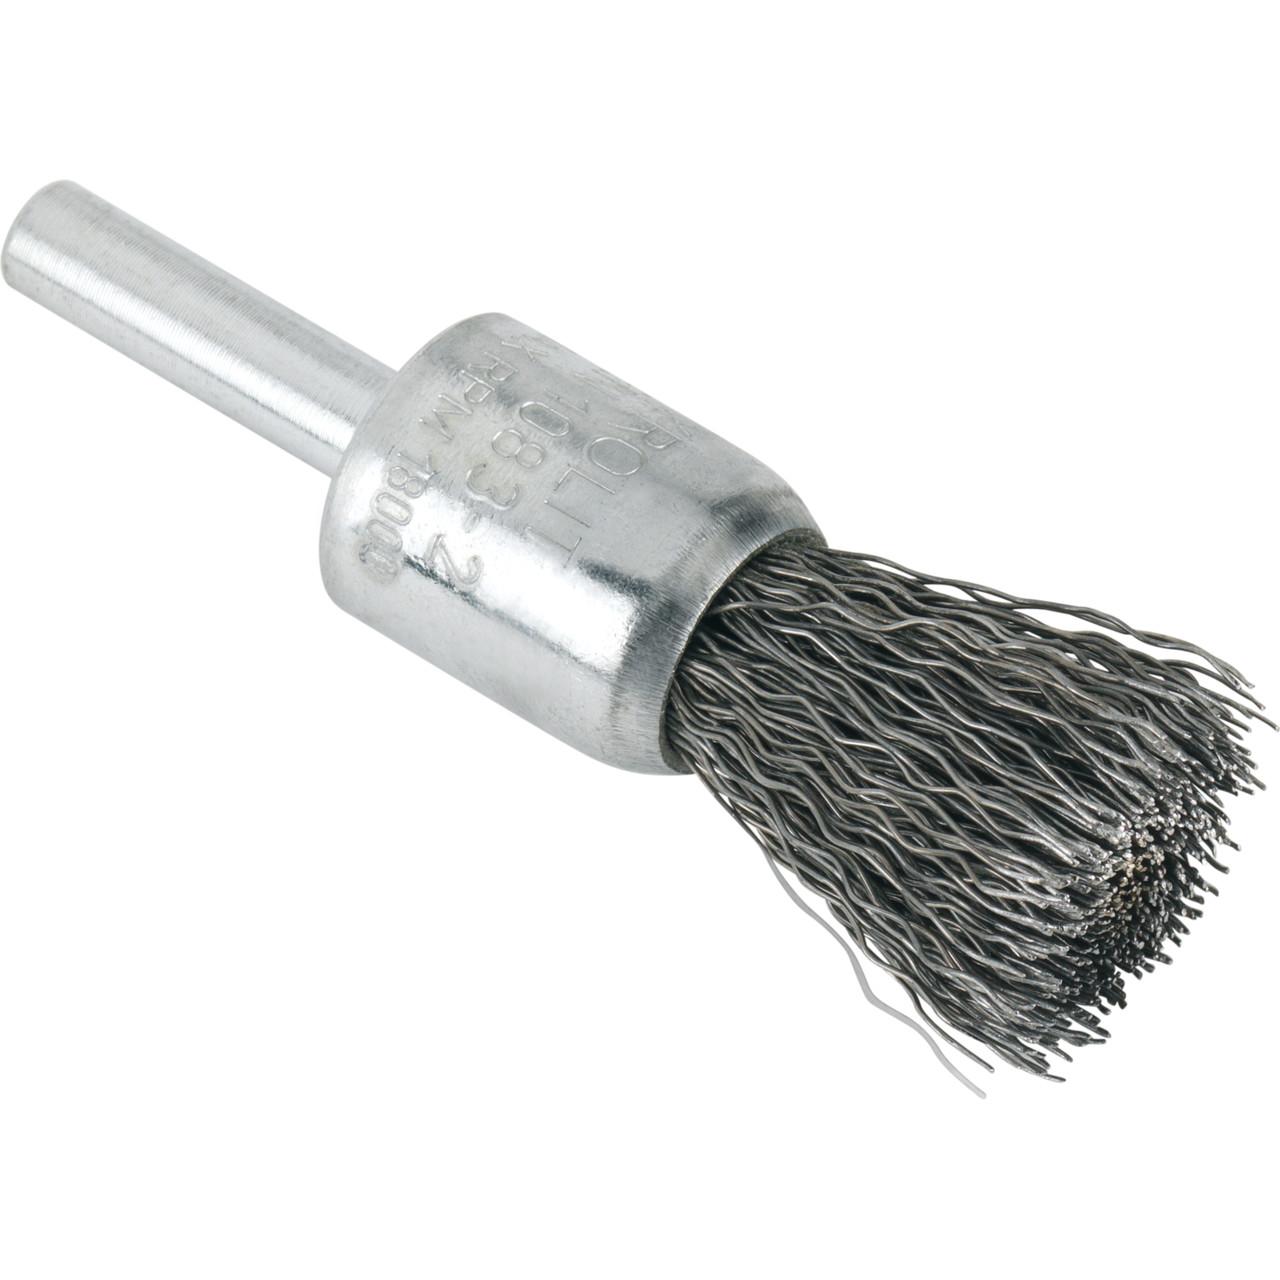 Immagine di Spazzole a pennello BASIC* per acciaio